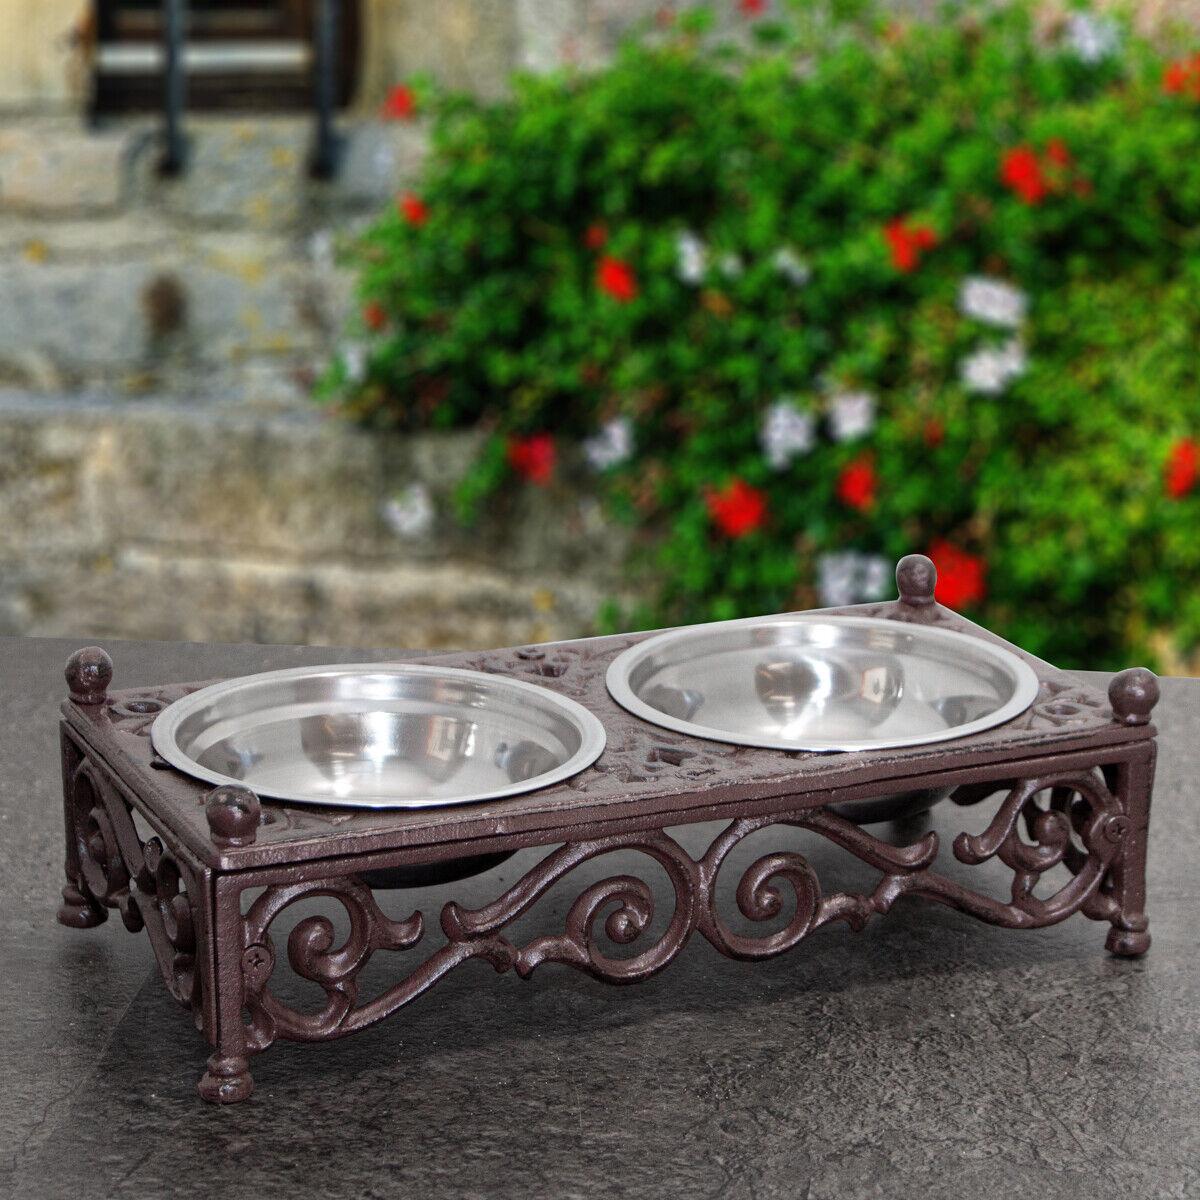 Ovales Rattan Tischset, Handgewebtes NatüRliches Rattan, ZubehöR für Tee Zeremon